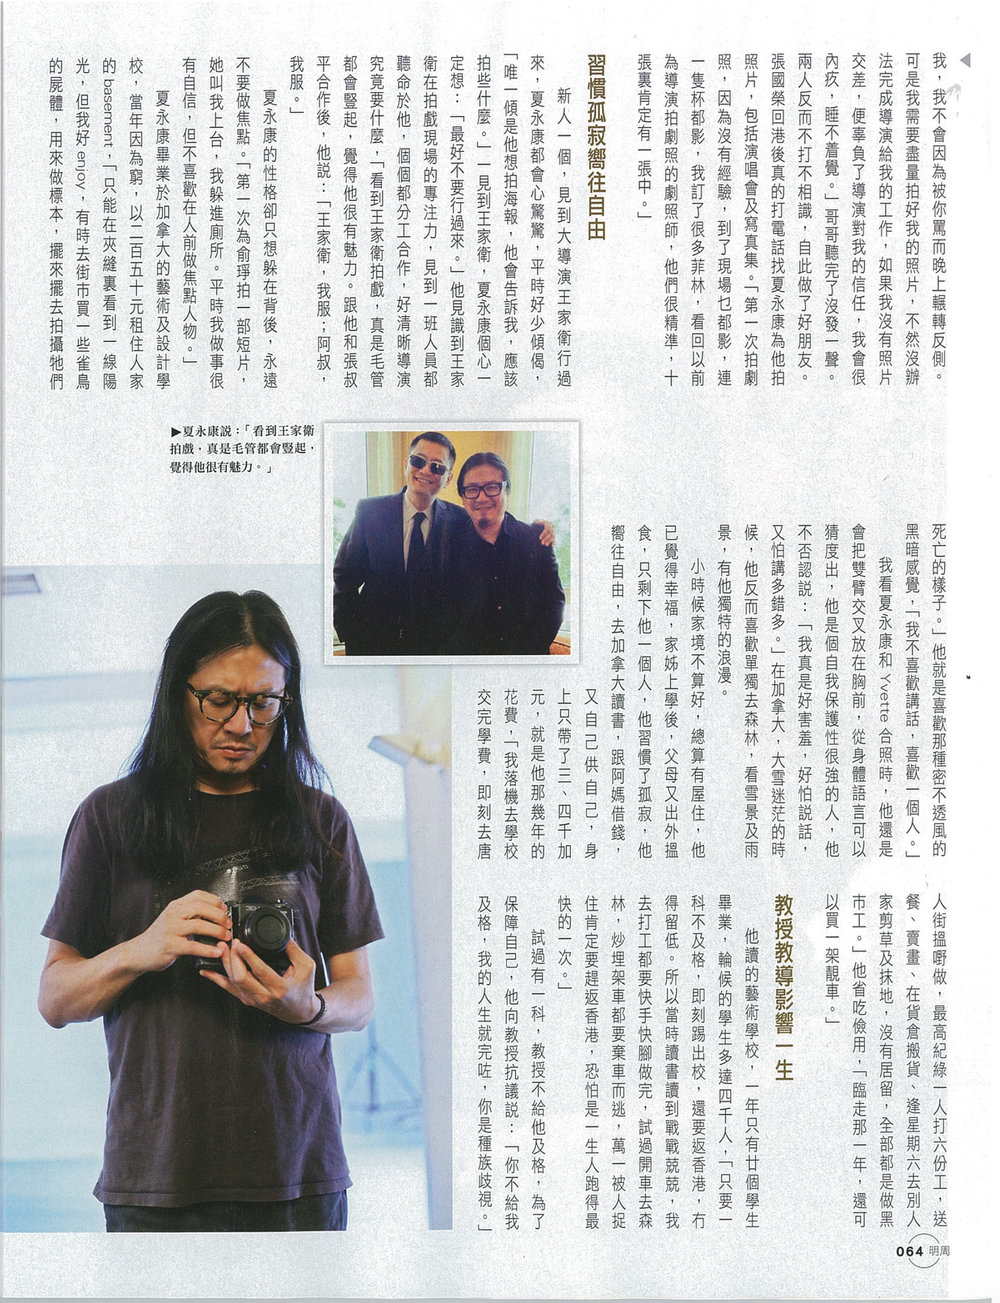 mingpao weekly p3.jpg